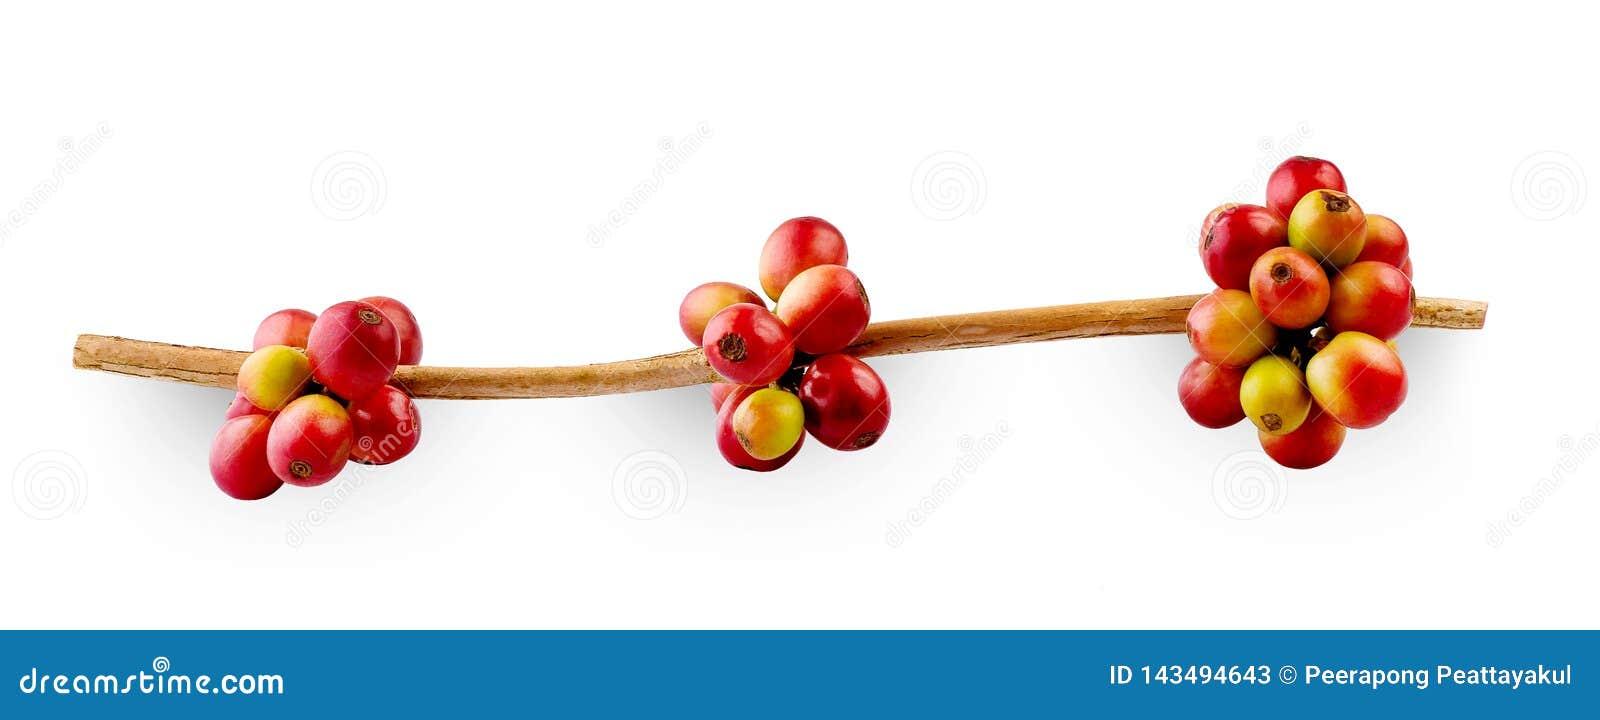 Κόκκινα φασόλια καφέ σε έναν κλάδο των ώριμων και unripe μούρων δέντρων καφέ, που απομονώνονται στο άσπρο υπόβαθρο